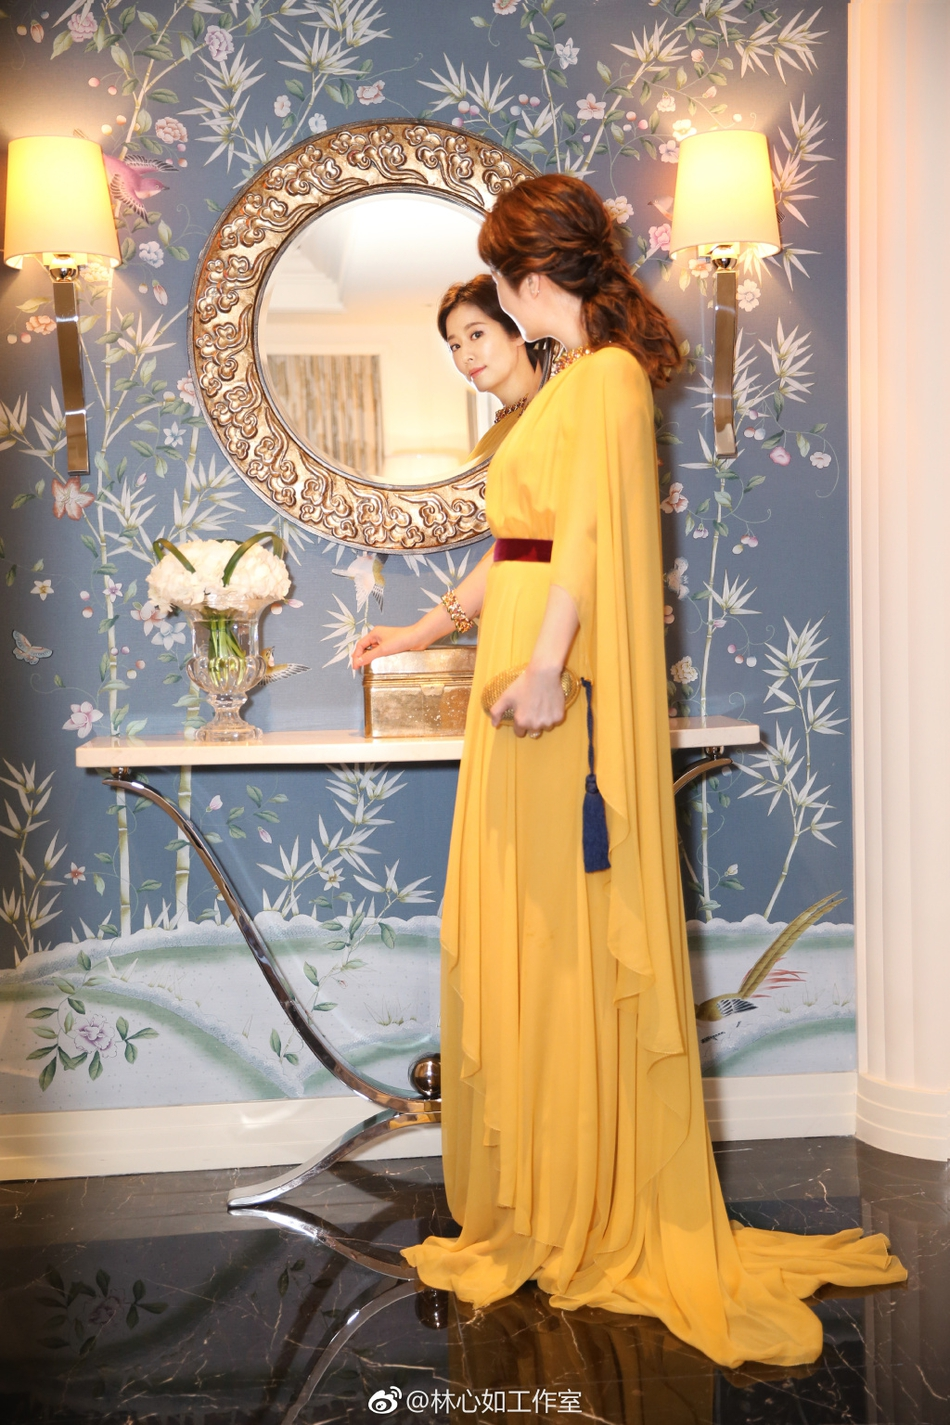 辣妈林心如一身金黄高贵典雅 手握香槟气场全开 视觉美图 图2